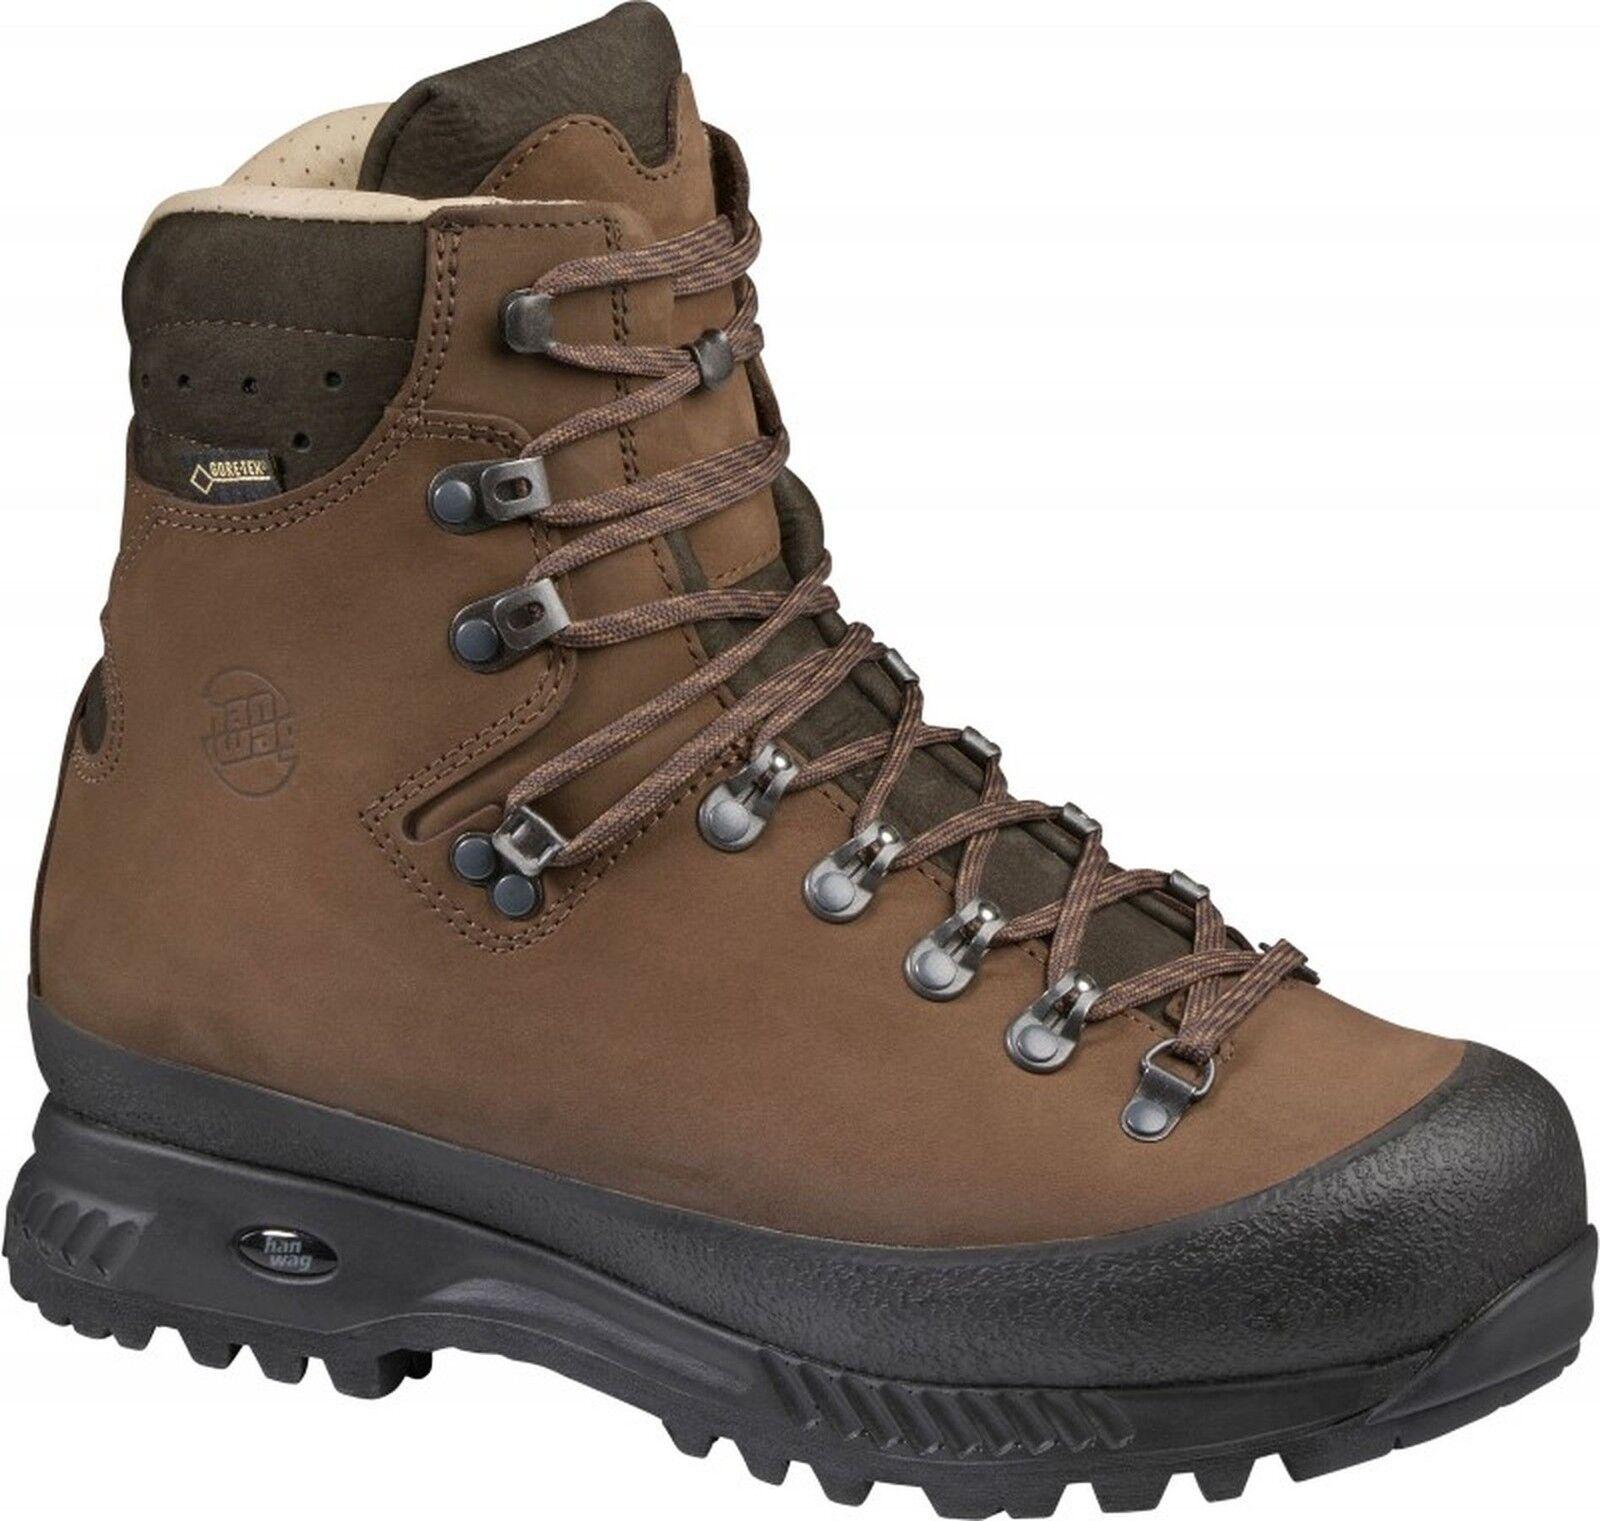 Hanwag trekking clásico Alaska  GTX Men tamaño 13-tierra 48,5  marca en liquidación de venta